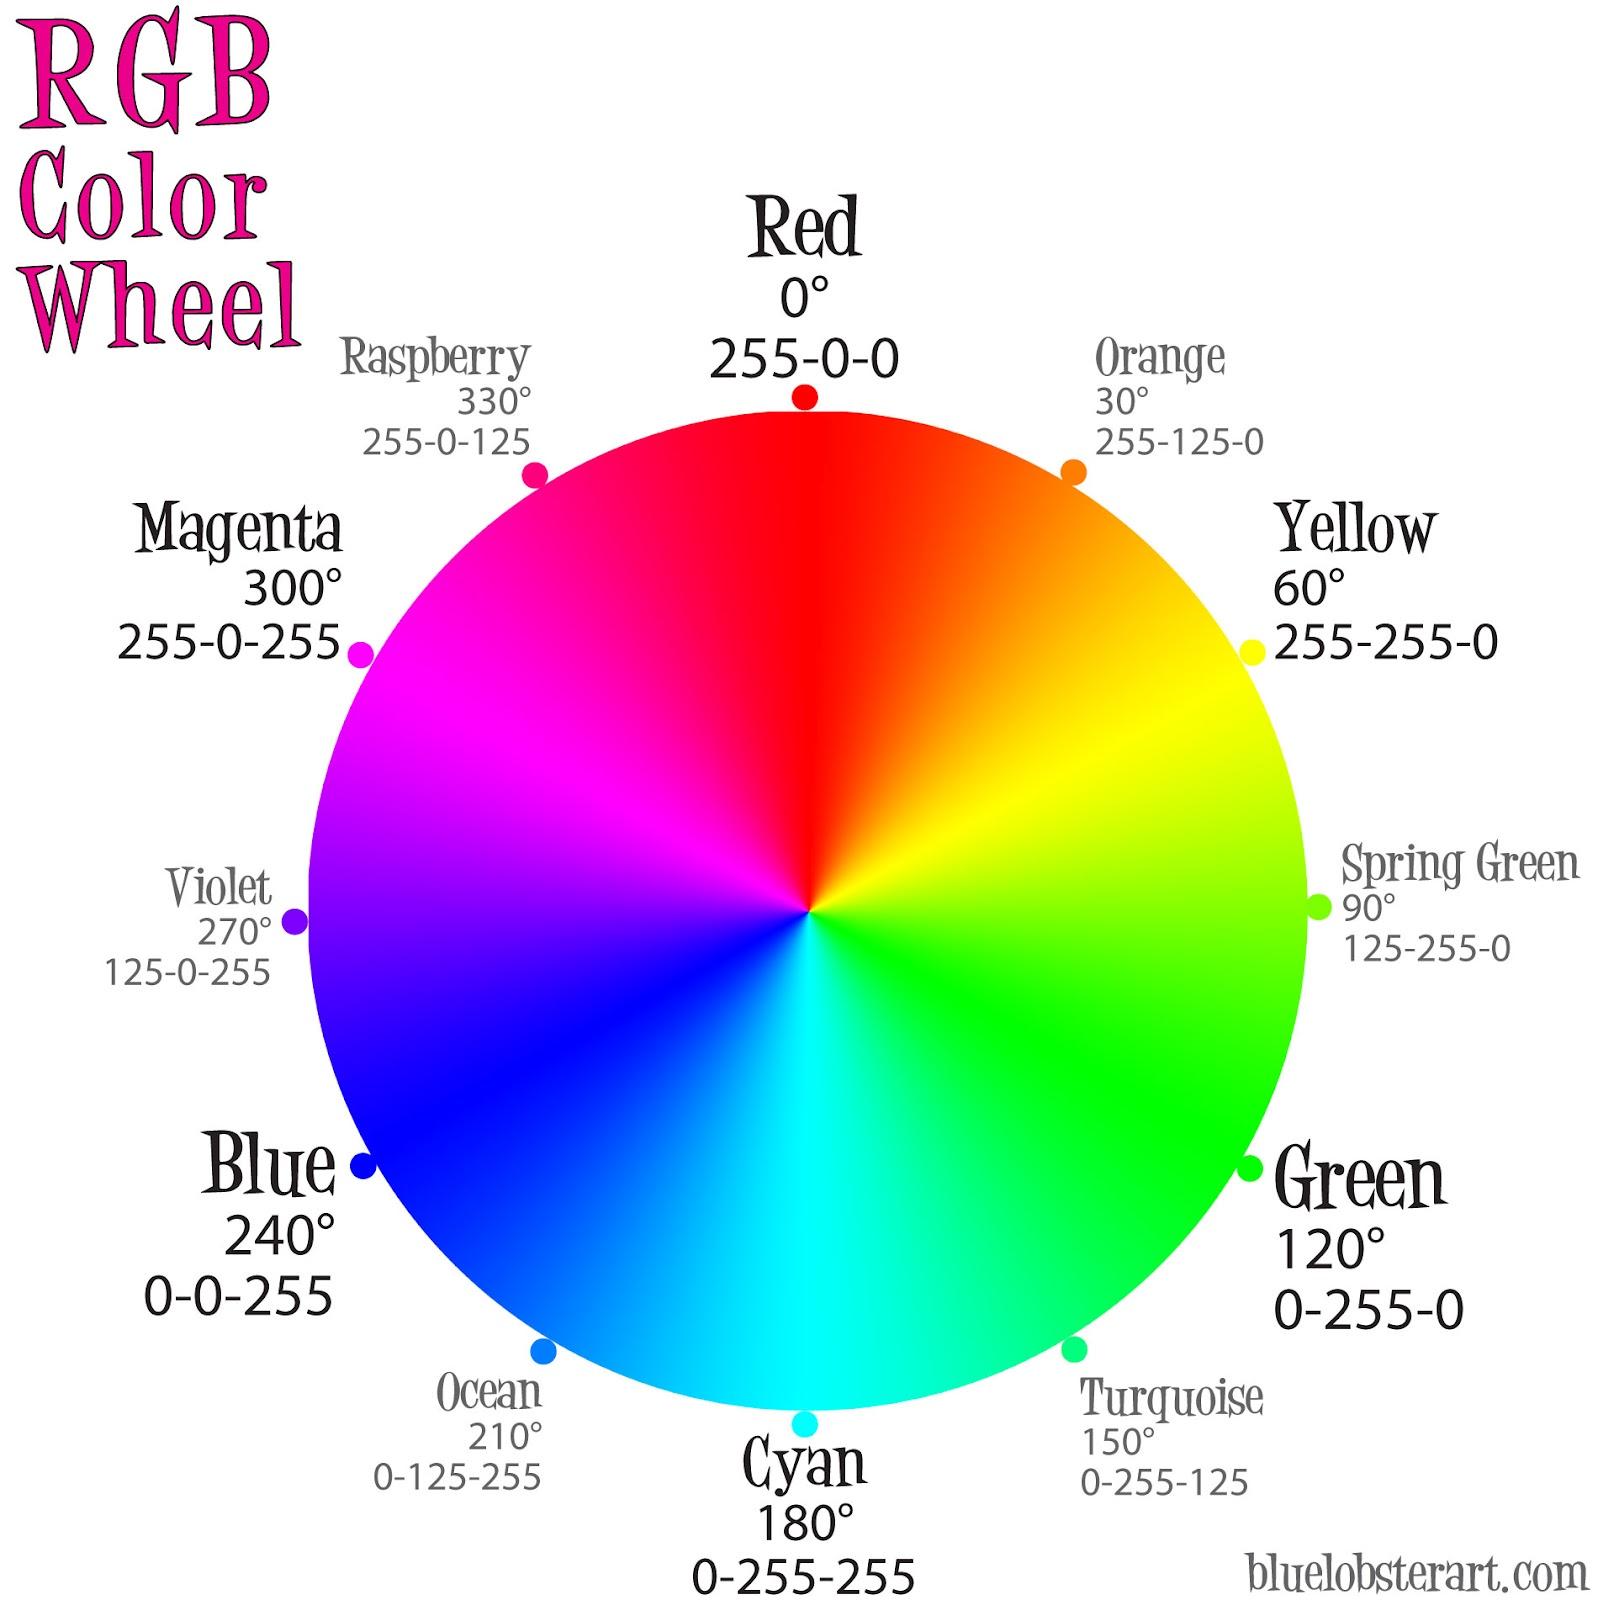 Typografi grafika teori warna ini kemudian dikenal sebagai warna pigmen primer yang dipakai dalam dunia seni rupa campuran dua warna primer menghasilkan warna sekunder ccuart Gallery